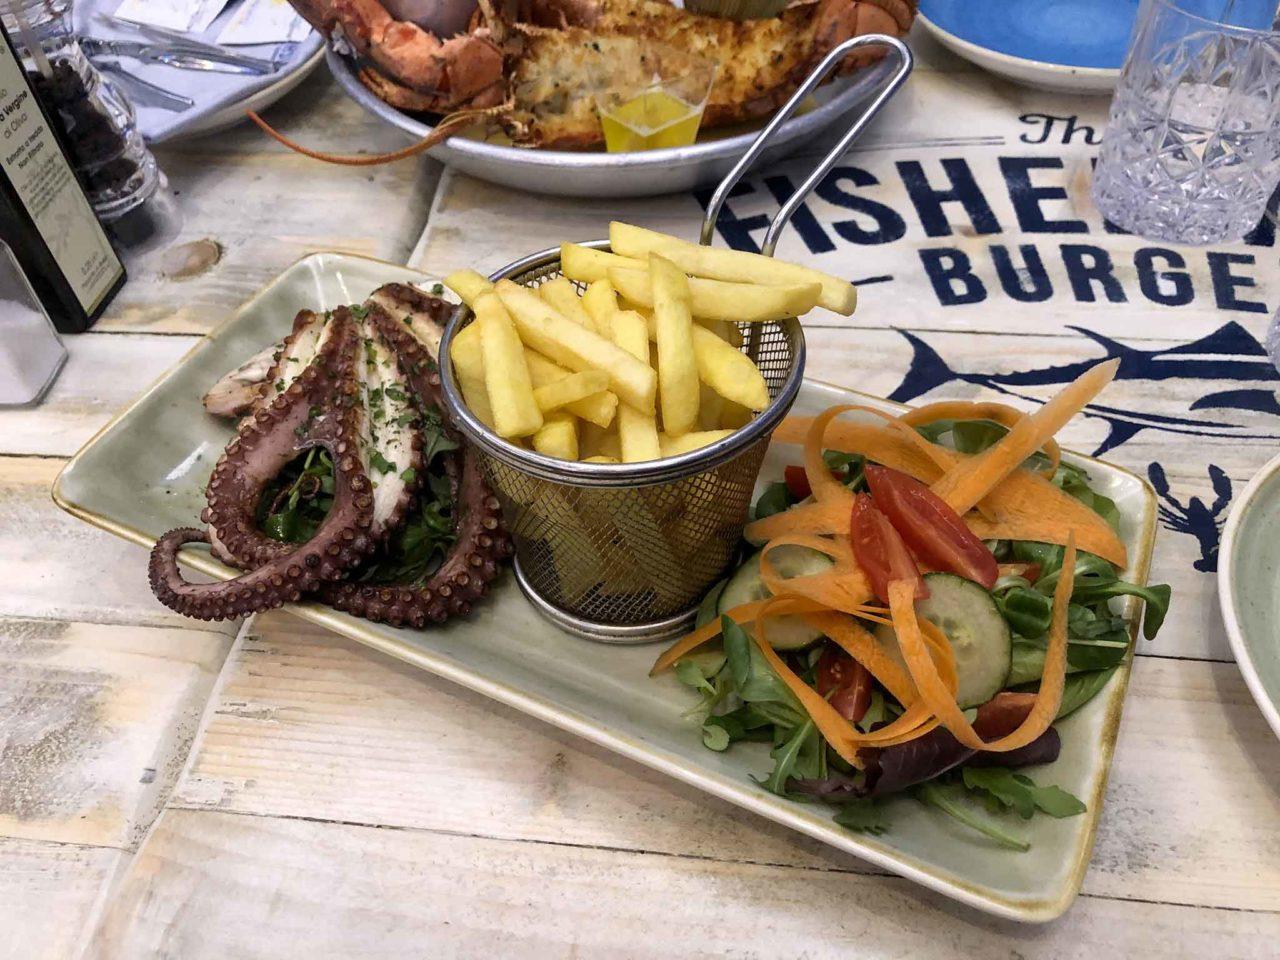 polpo arrosto The Fisherman Burger ristorante pescheria Roma